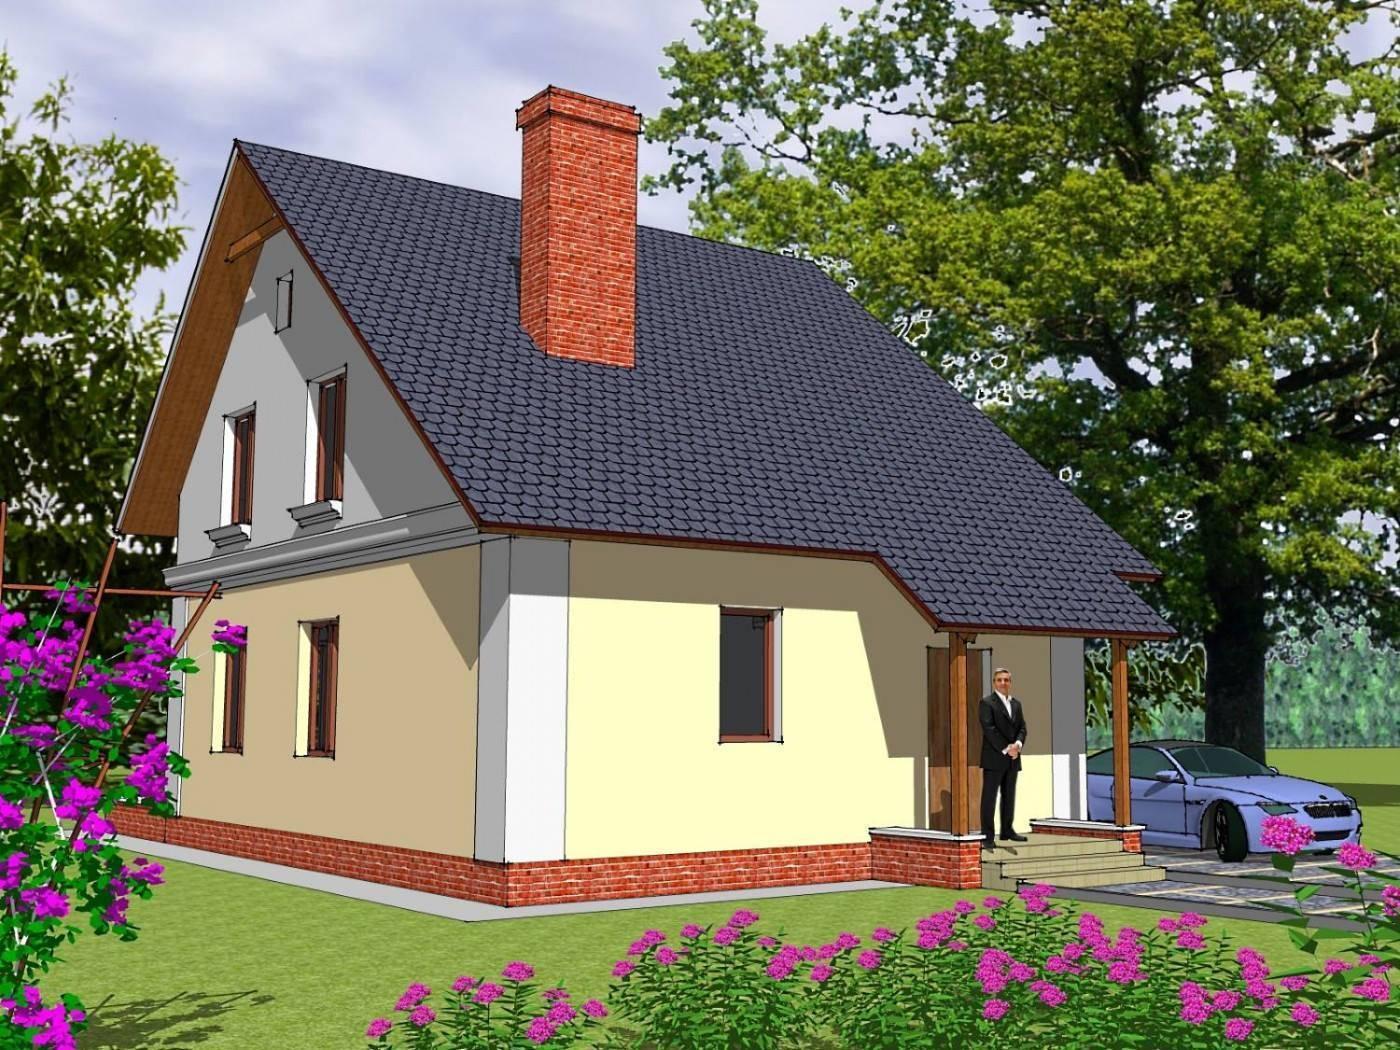 Строительство дома из пеноблоков эконом класса своими руками